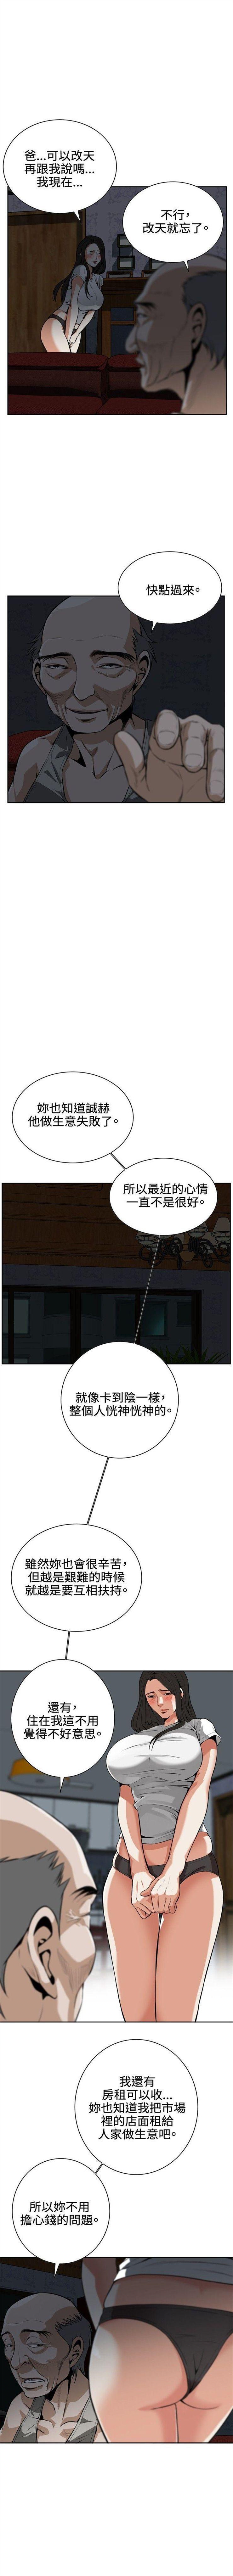 偷窥  0-10 中文翻译 (更新中) 64